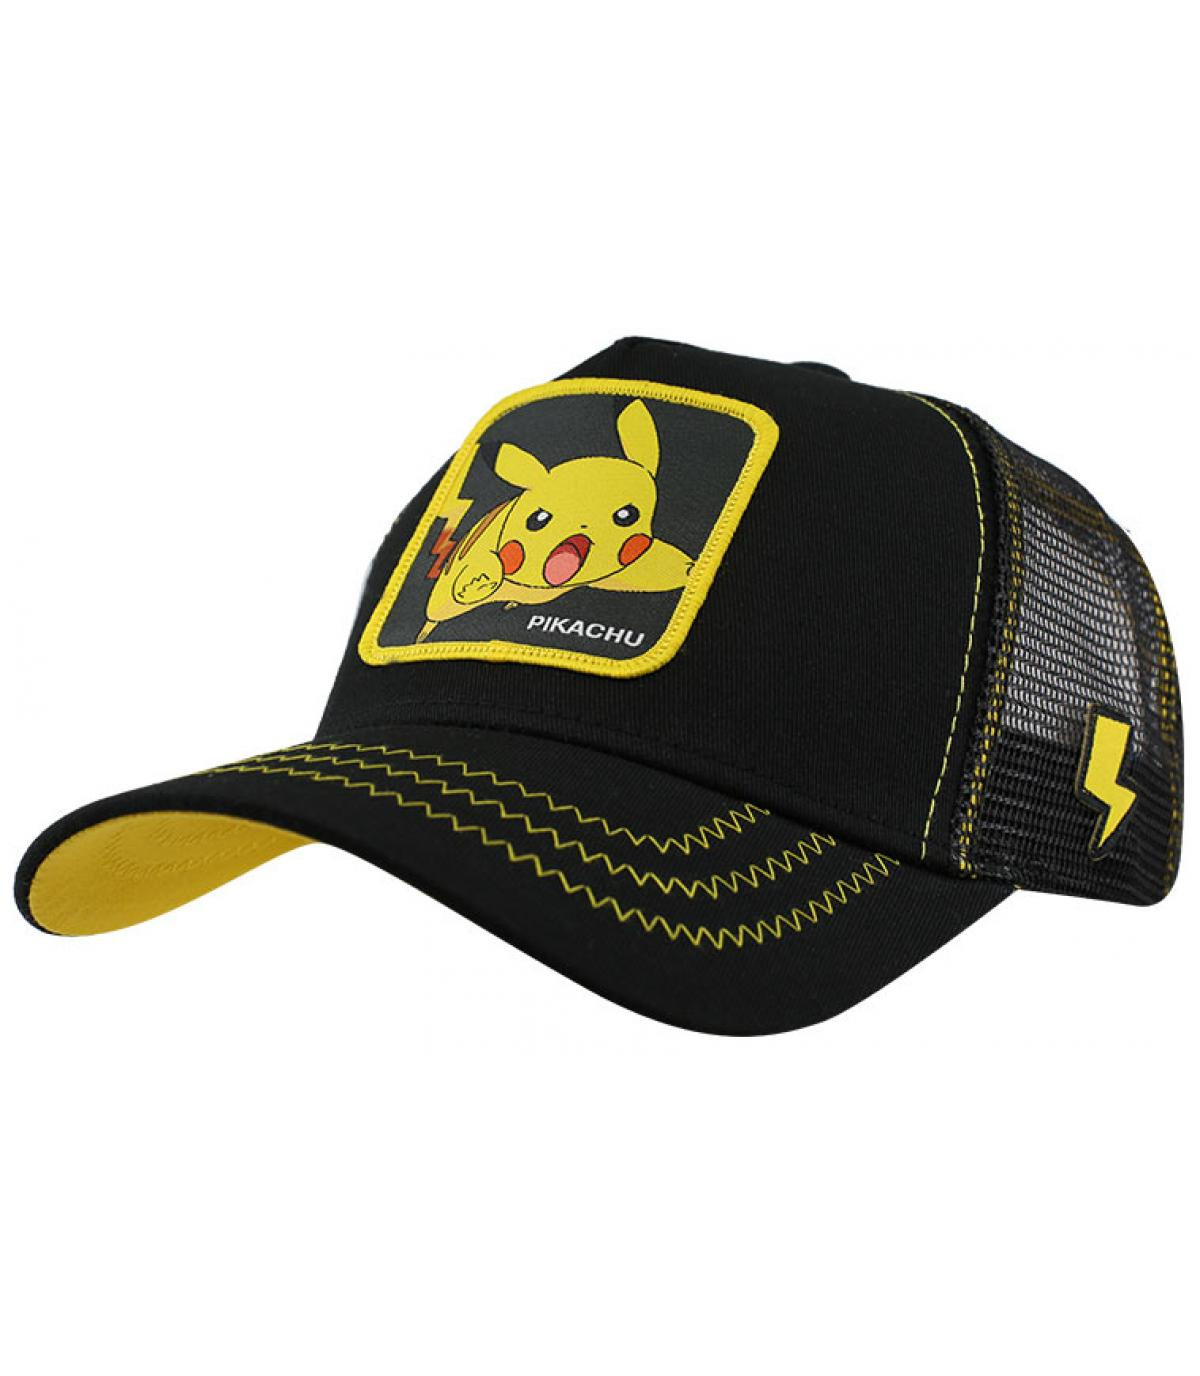 Détails Trucker Pokelon Pikachu - image 2